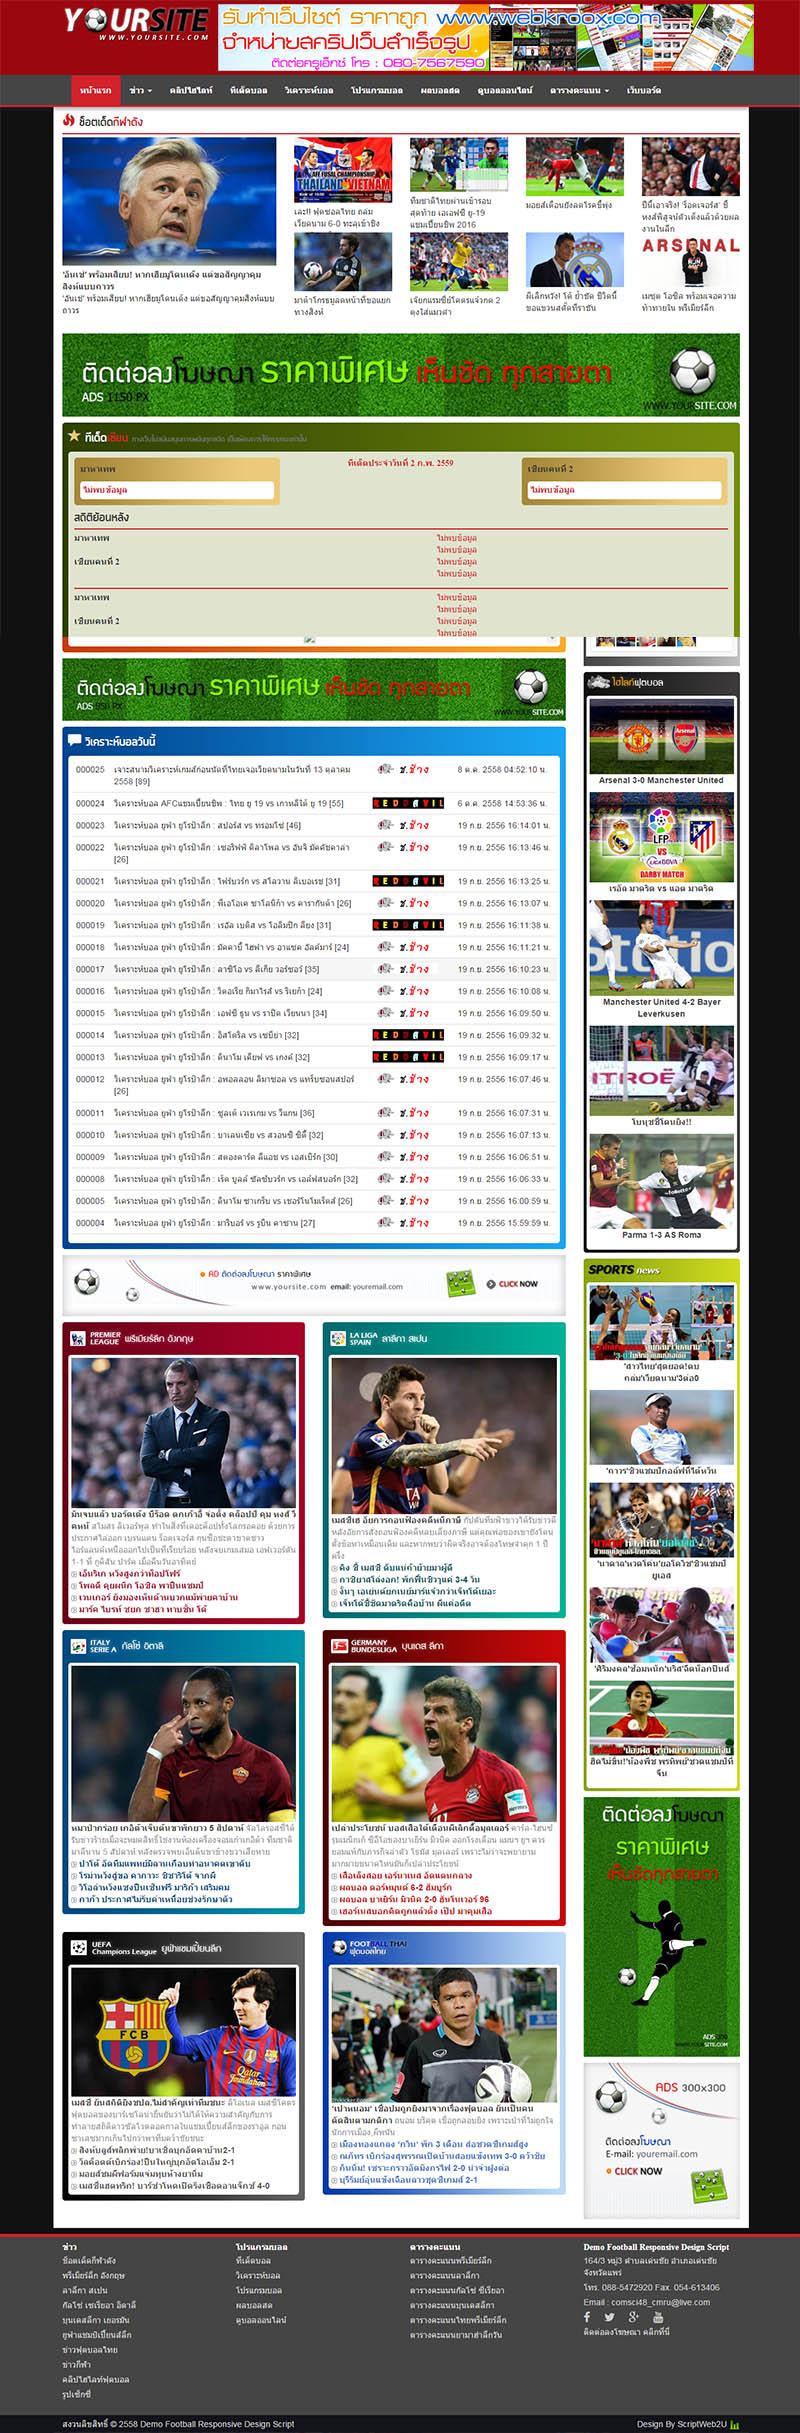 ภาพที่ 1 รับทำเว็บไซต์ ผลบอลสด วิเคราะห์บอล  รับทำเว็บฟุตบอล Responsive Design